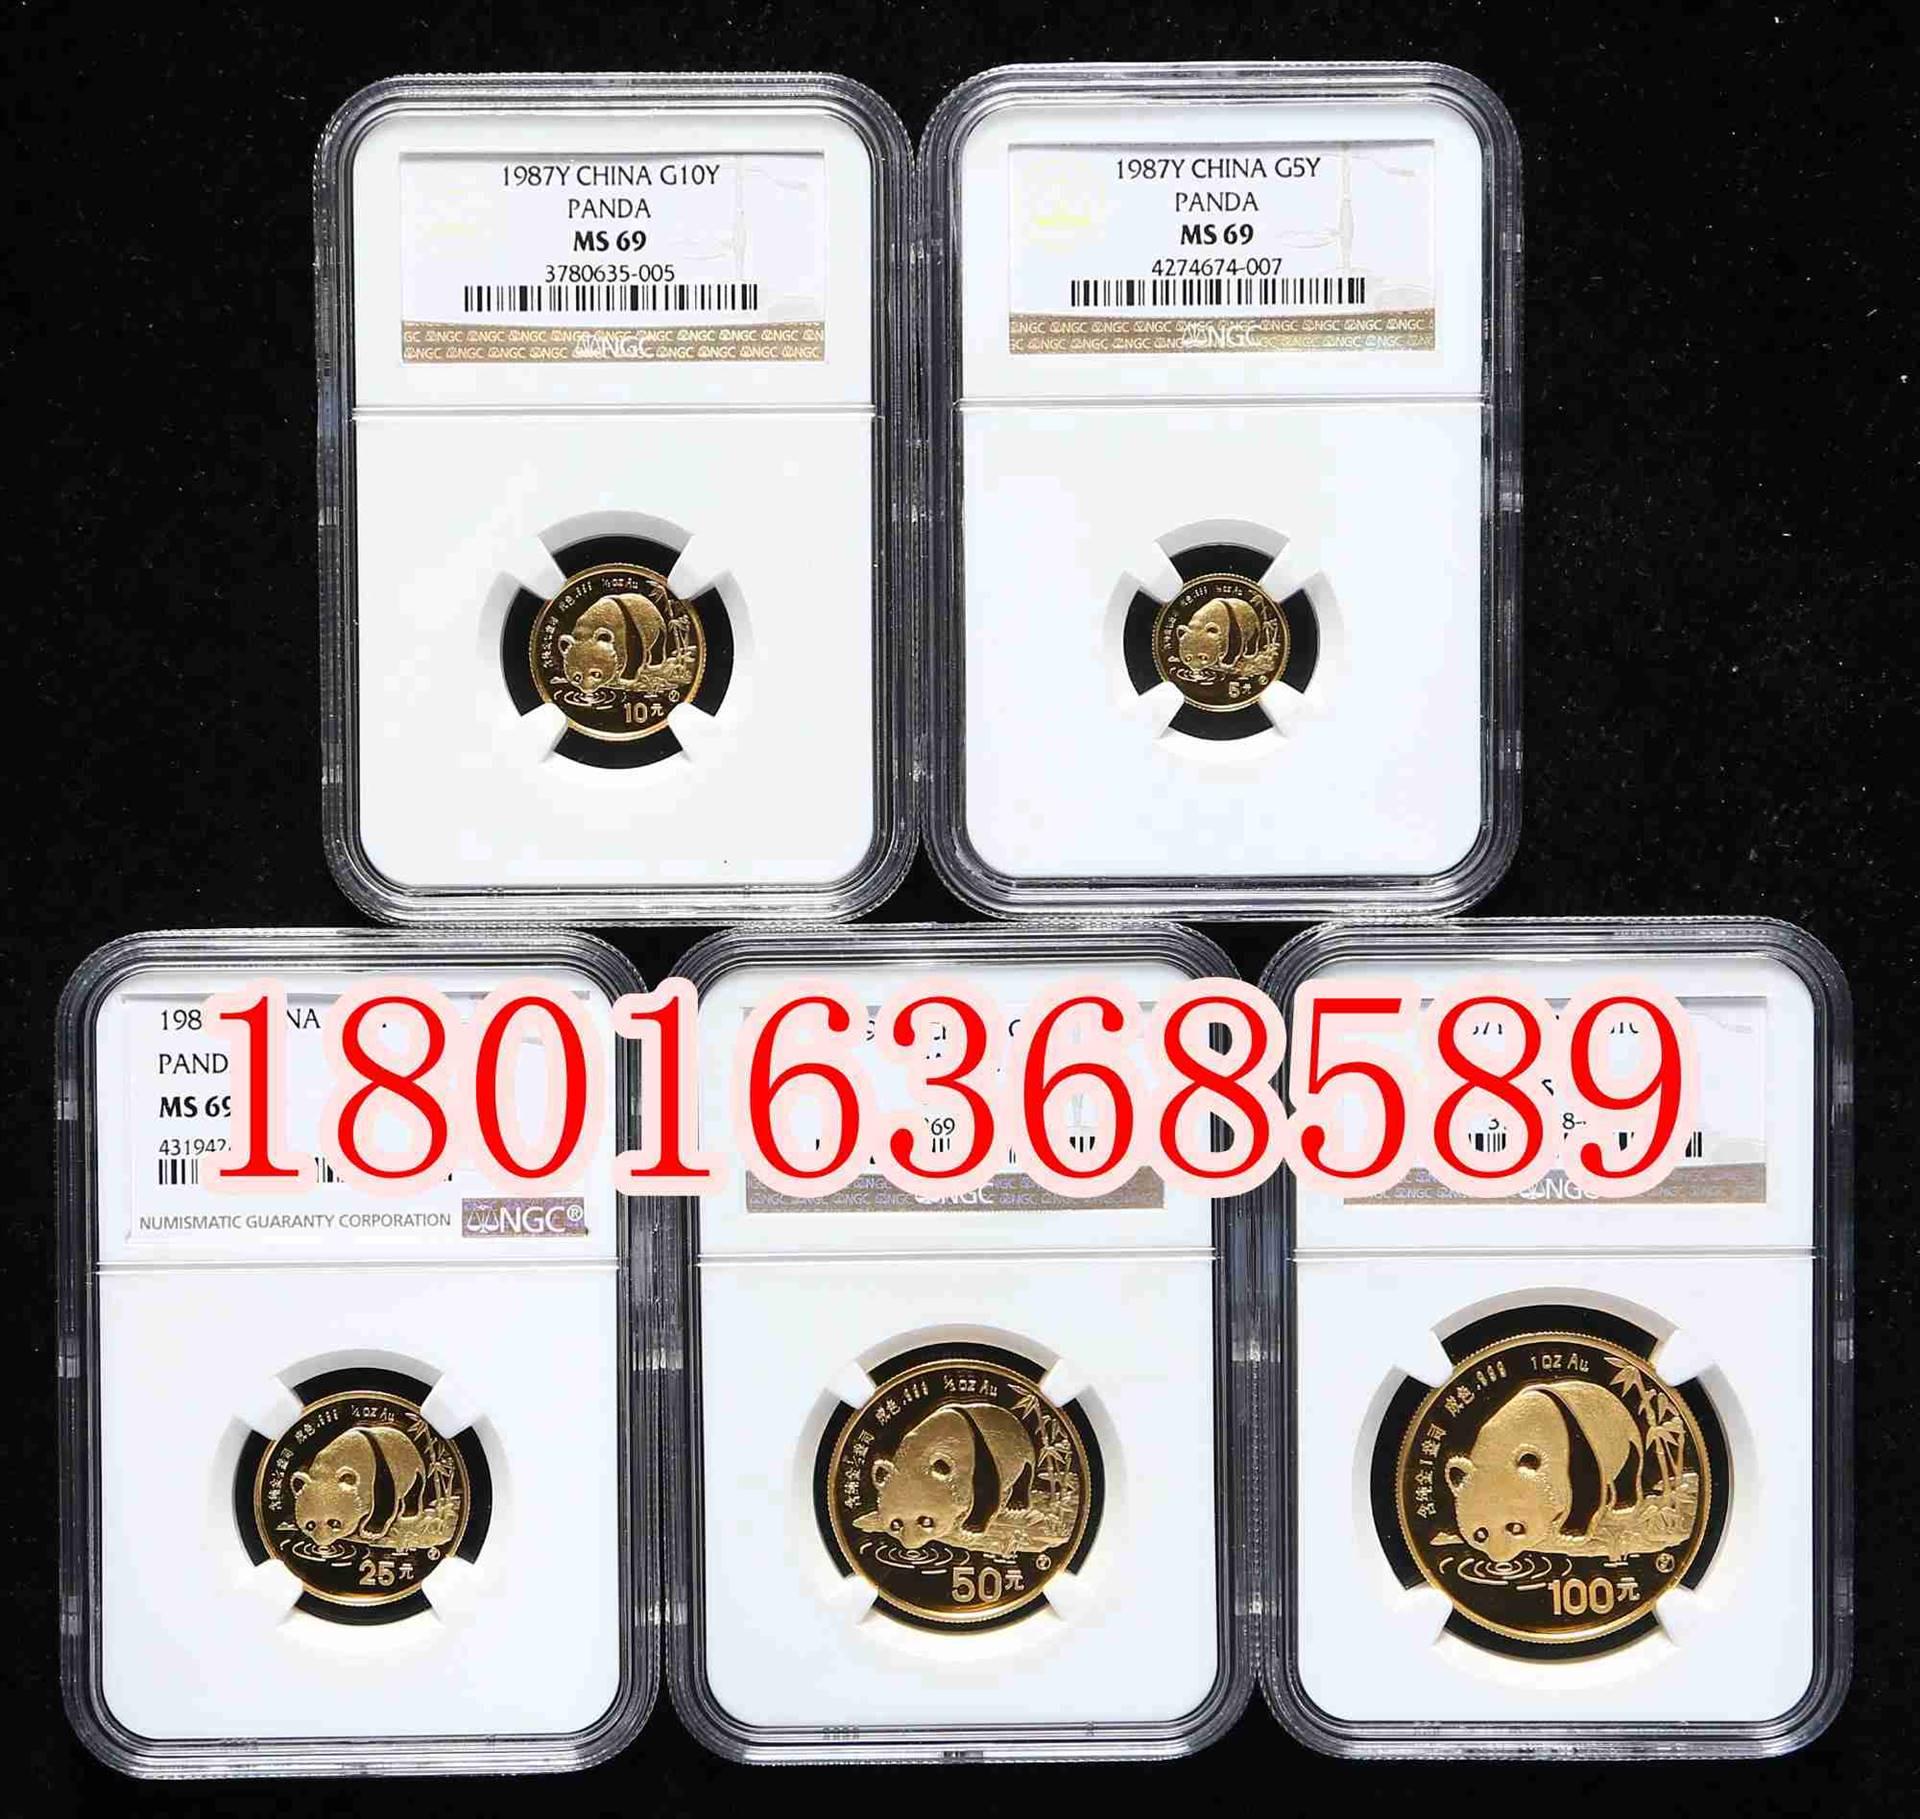 1995年中国古代科技发明发现第(4)组1/2盎司精制金币五枚一套(带盒、带证书、ngc pf69、pf68)   1994年中国古代科技发明发现第(3)组1/2盎司精制金币五枚一套(ngc pf69、pf68)   赵涌在线《八月现代金银币周拍4专场》于